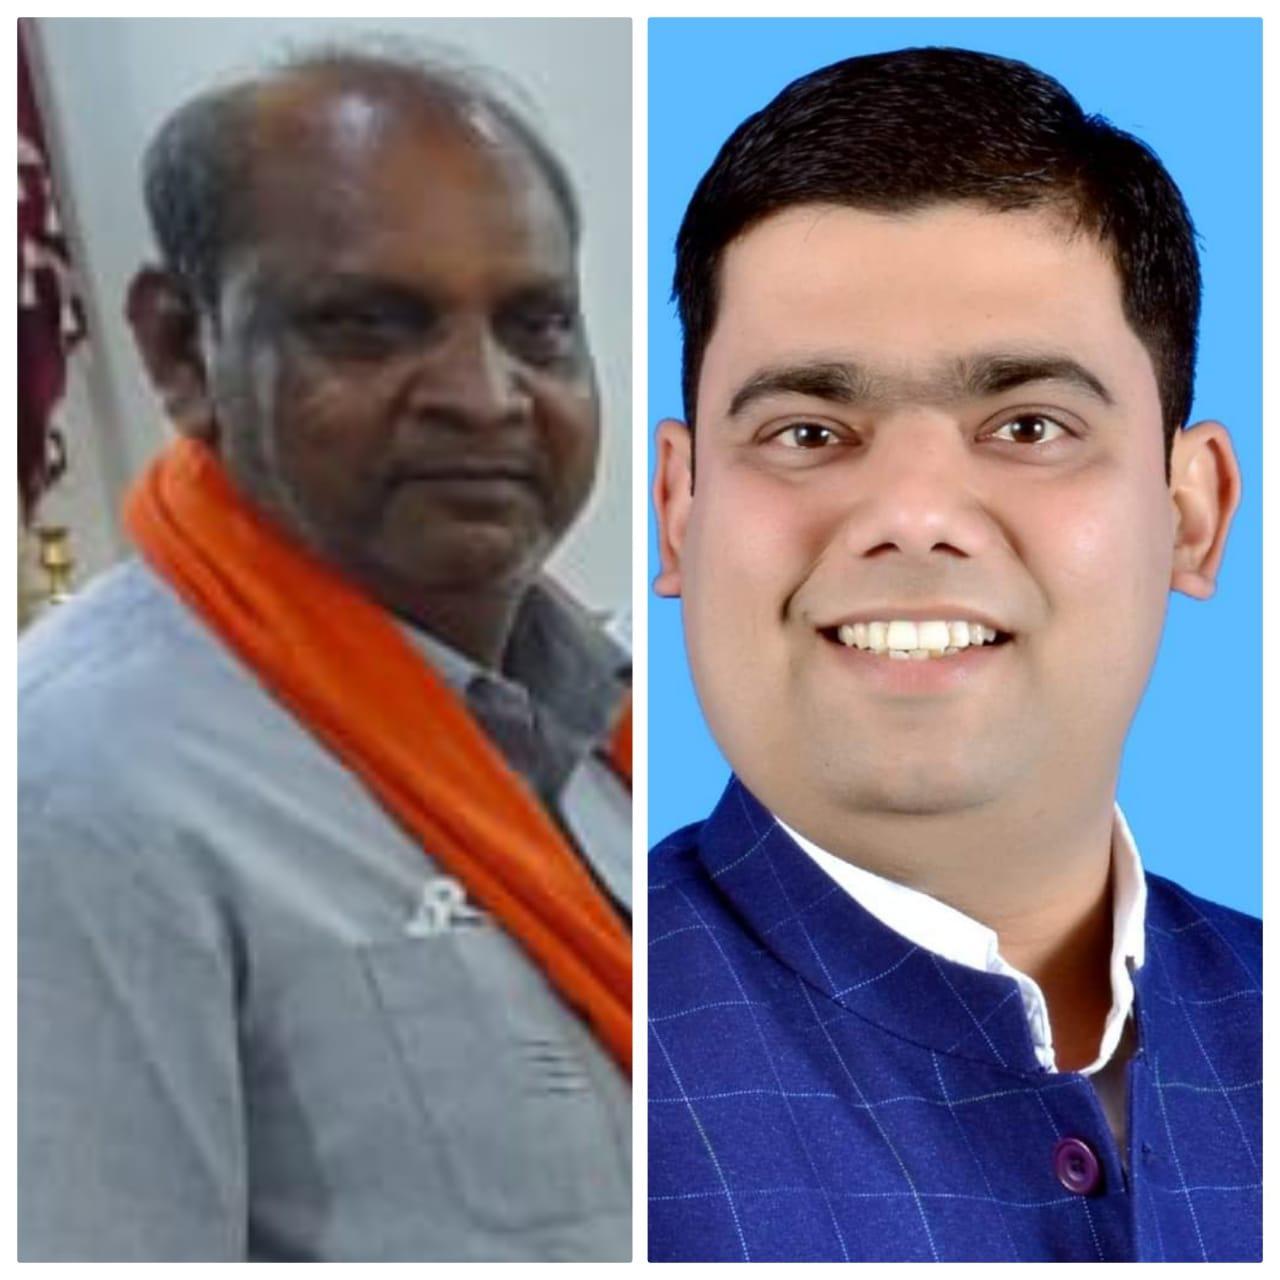 मुरादाबाद BJP में ब्लॉक प्रमुखी का टिकट दिलाने के नाम पर भाजपा पदाधिकारी और प्रत्याशी के पति के बीच मोलभाव का ऑडियो सोशल मीडिया पर वायरल हुुआ है। - Dainik Bhaskar